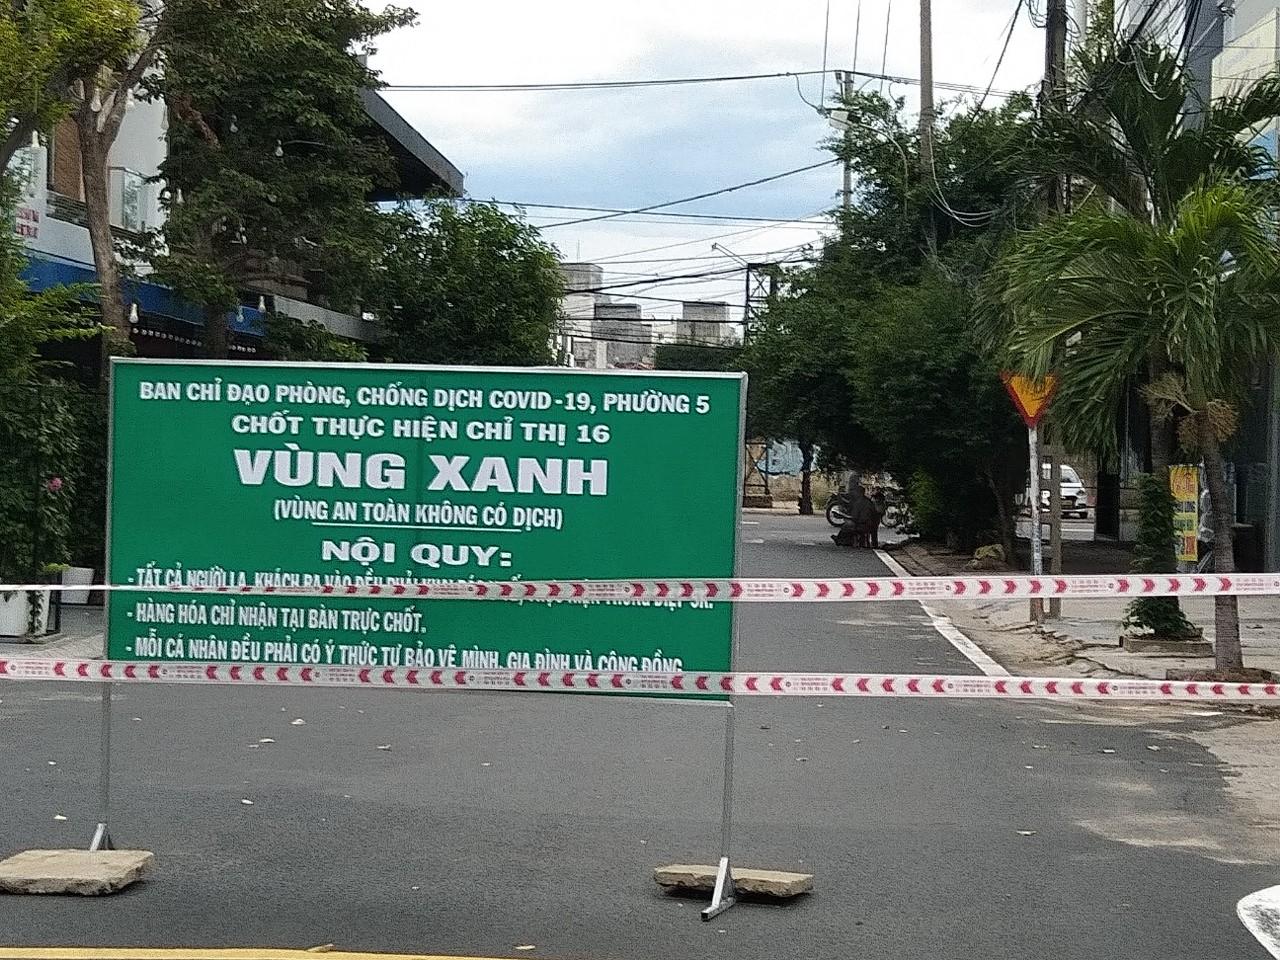 Chốt vùng xanh ở TP Tuy Hòa), tỉnh Phú Yên